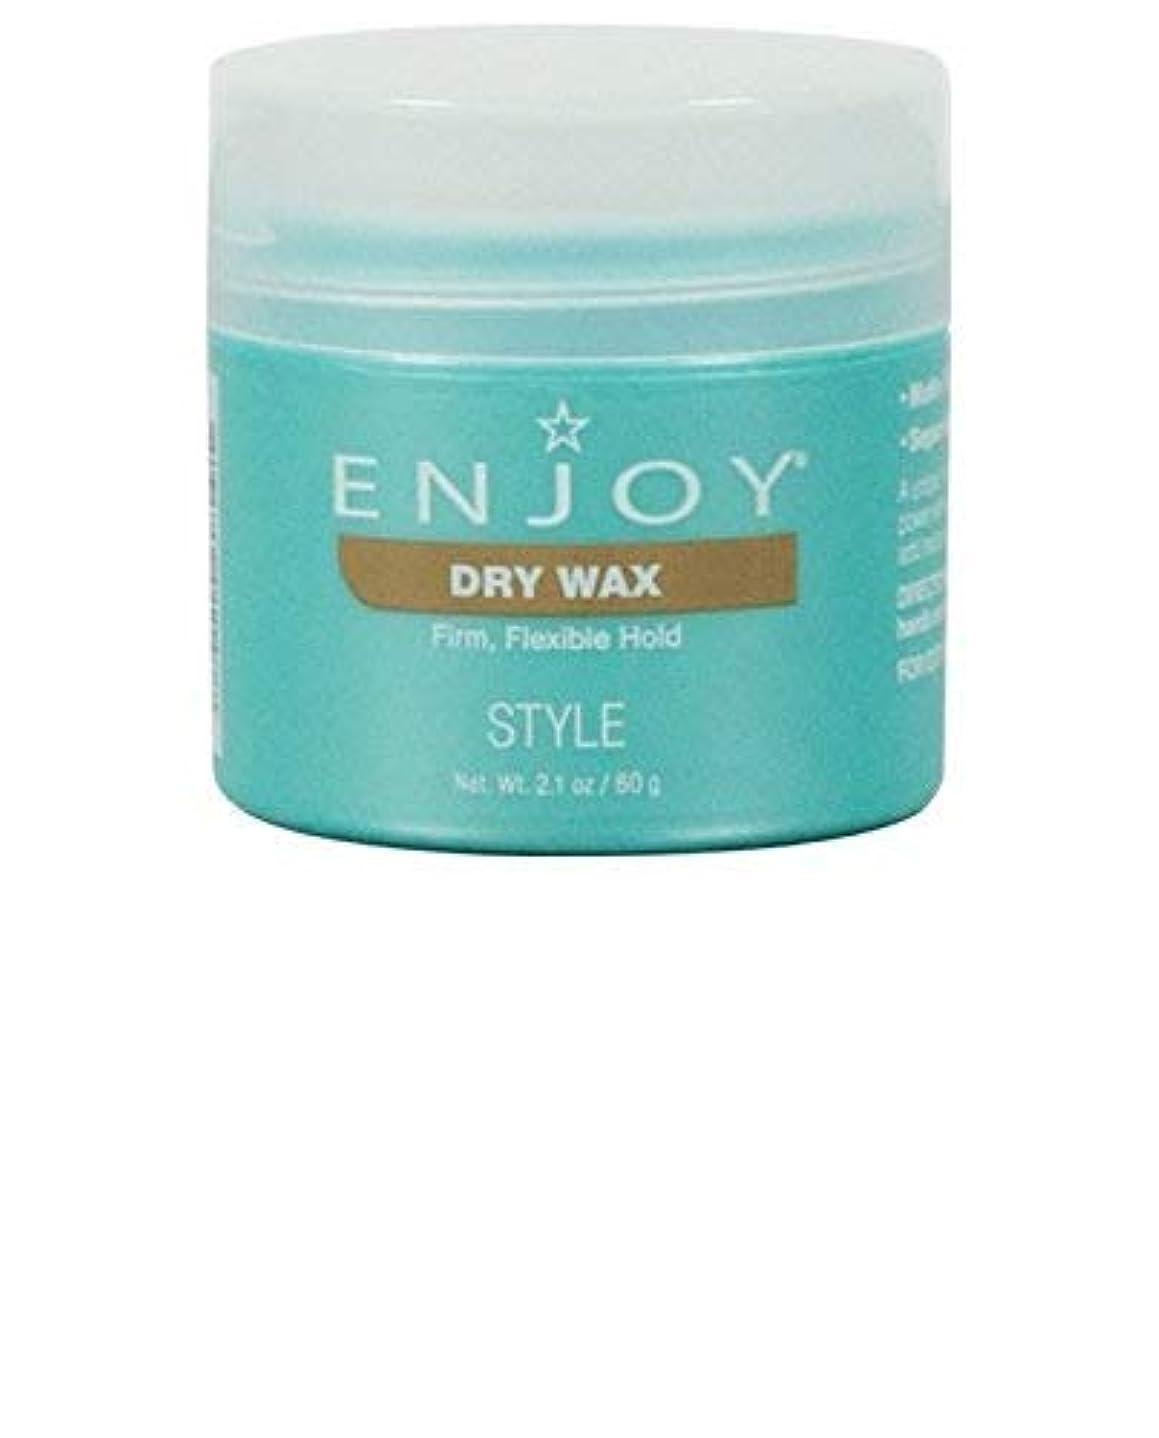 本質的に抑止する列挙するDry Wax 2.1 fl oz 60g ドライ ワックス